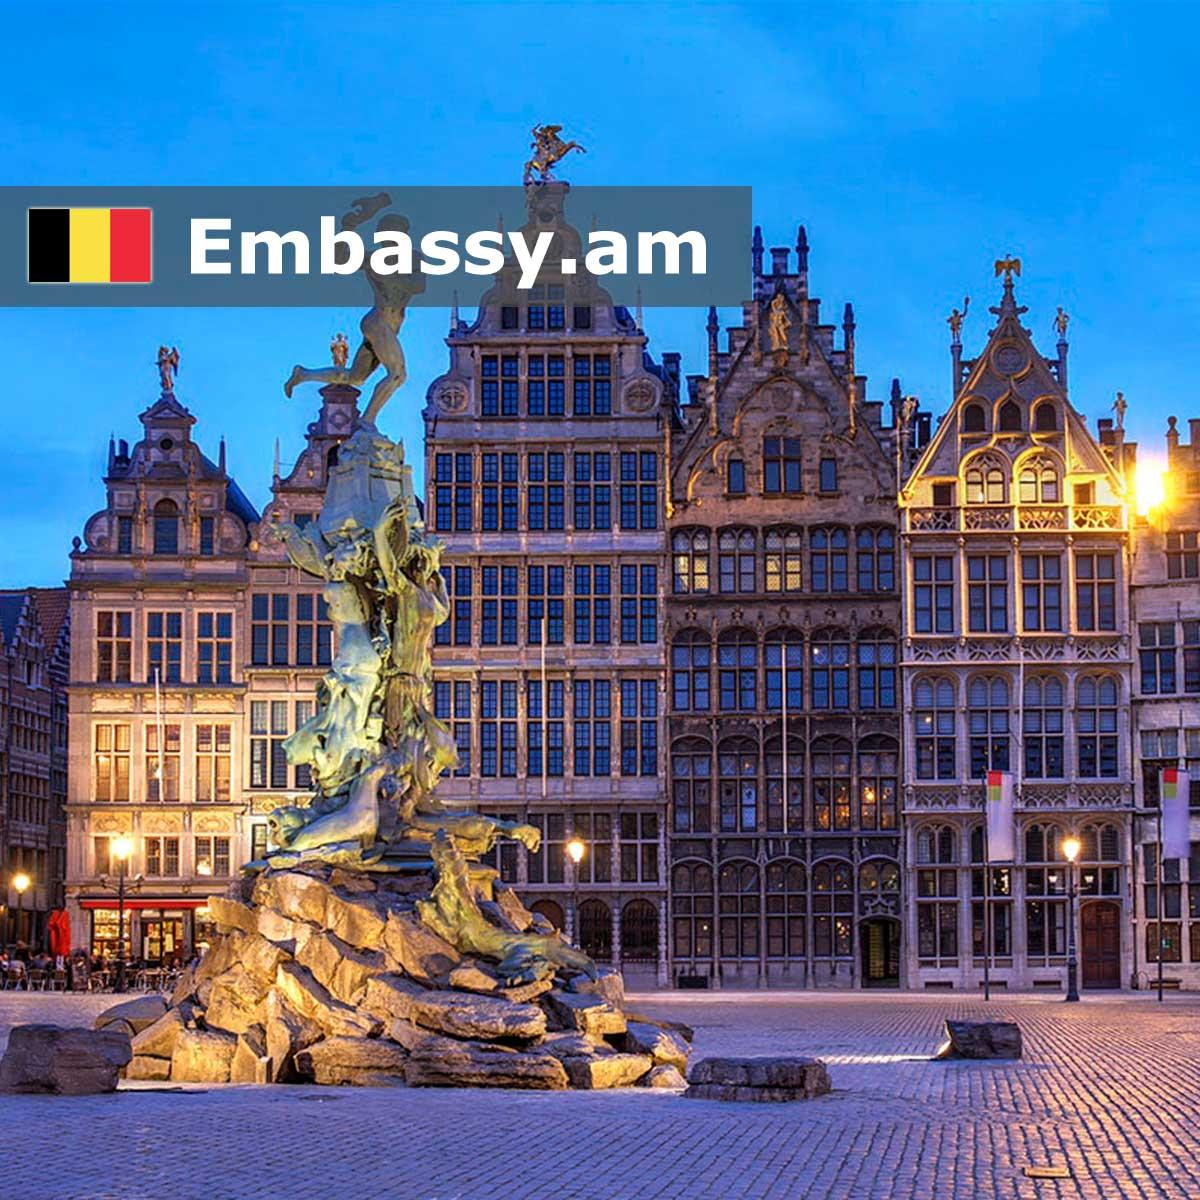 Antwerp - Hotels in Belgium - Embassy.am